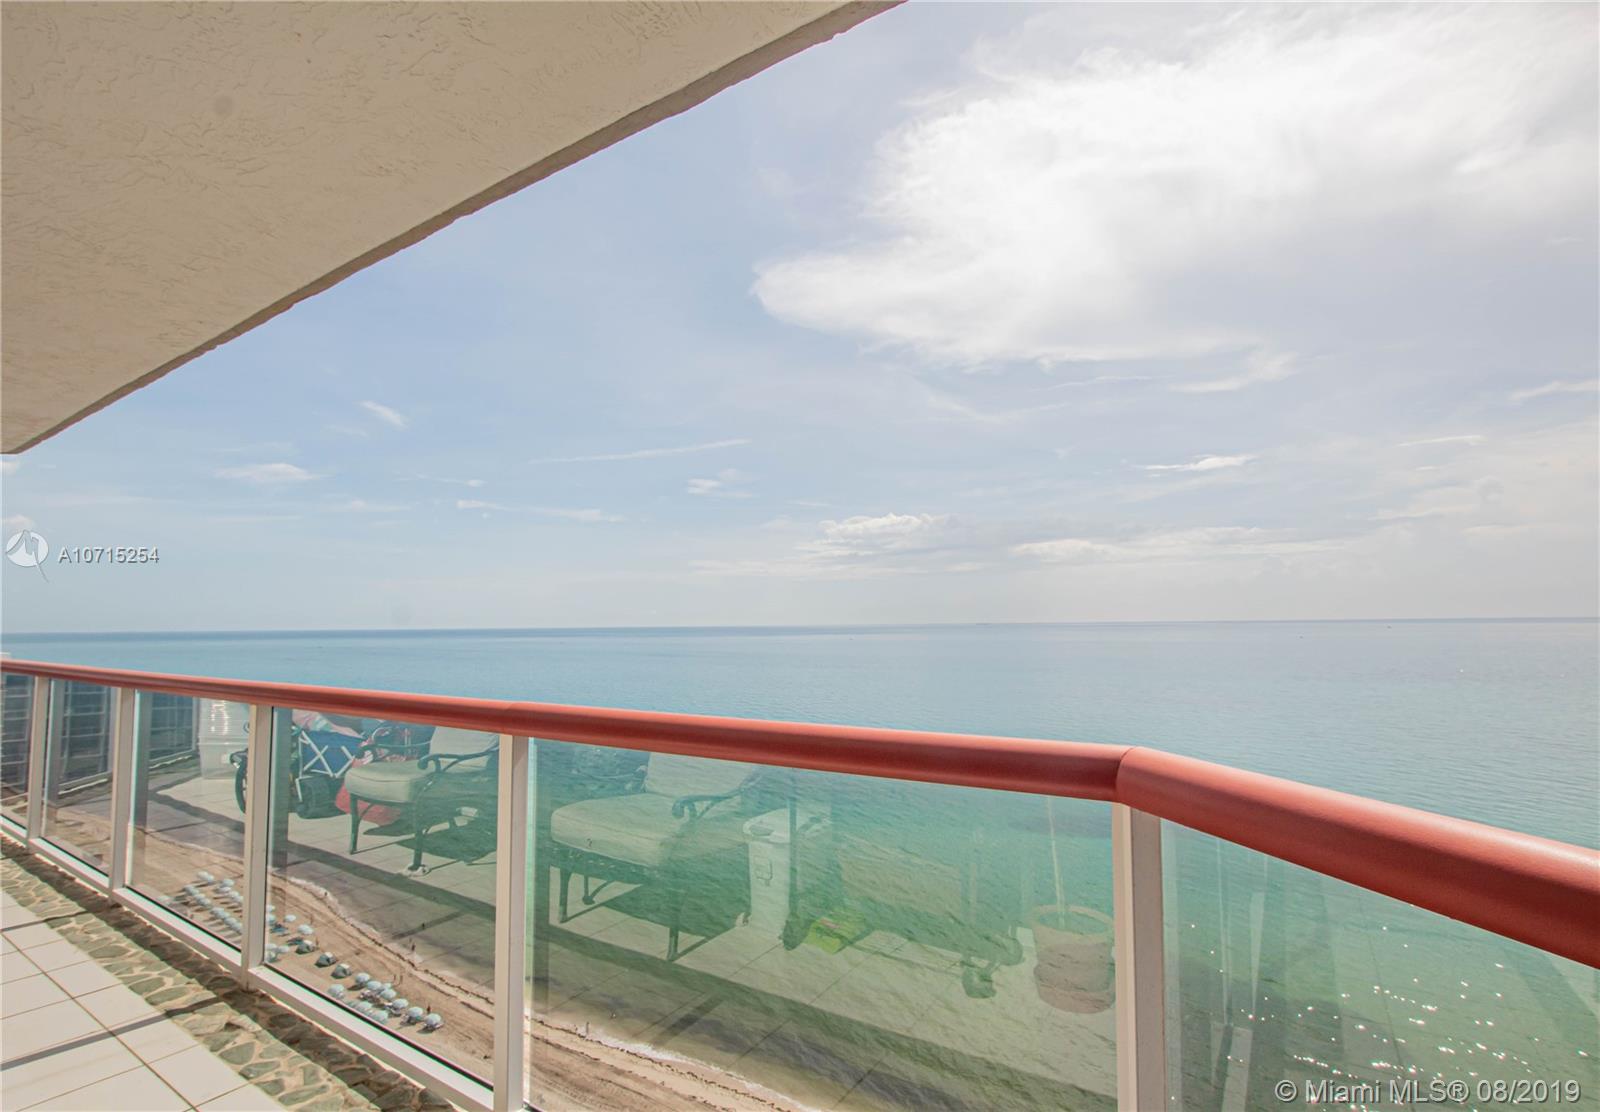 6767 Collins Ave #2009, Miami Beach, FL 33141 - Miami Beach, FL real estate listing